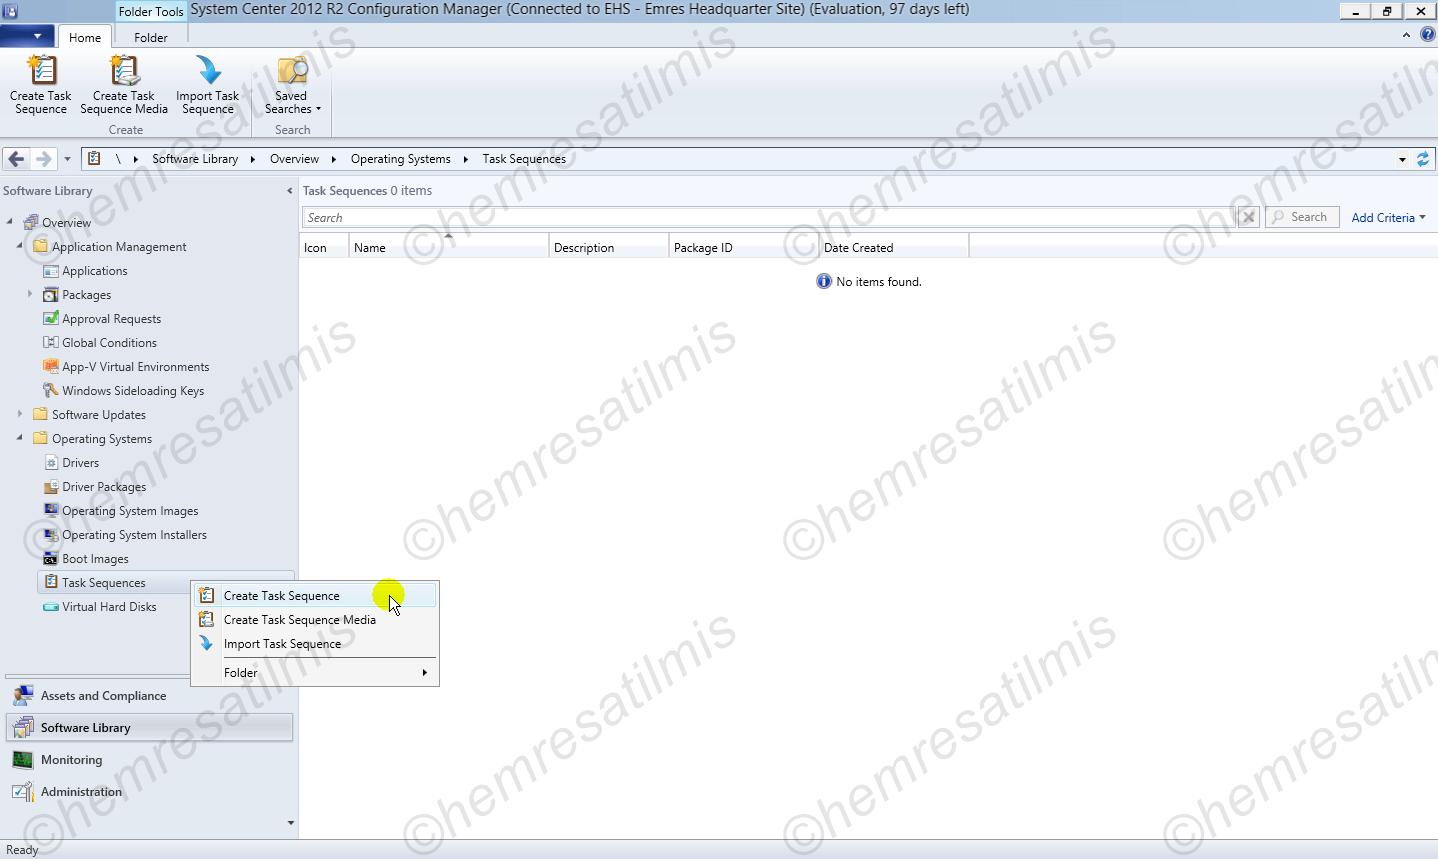 6.8. -01 İşletim Sistemi Kurulumu İçin Görev (Task) Oluşturulması